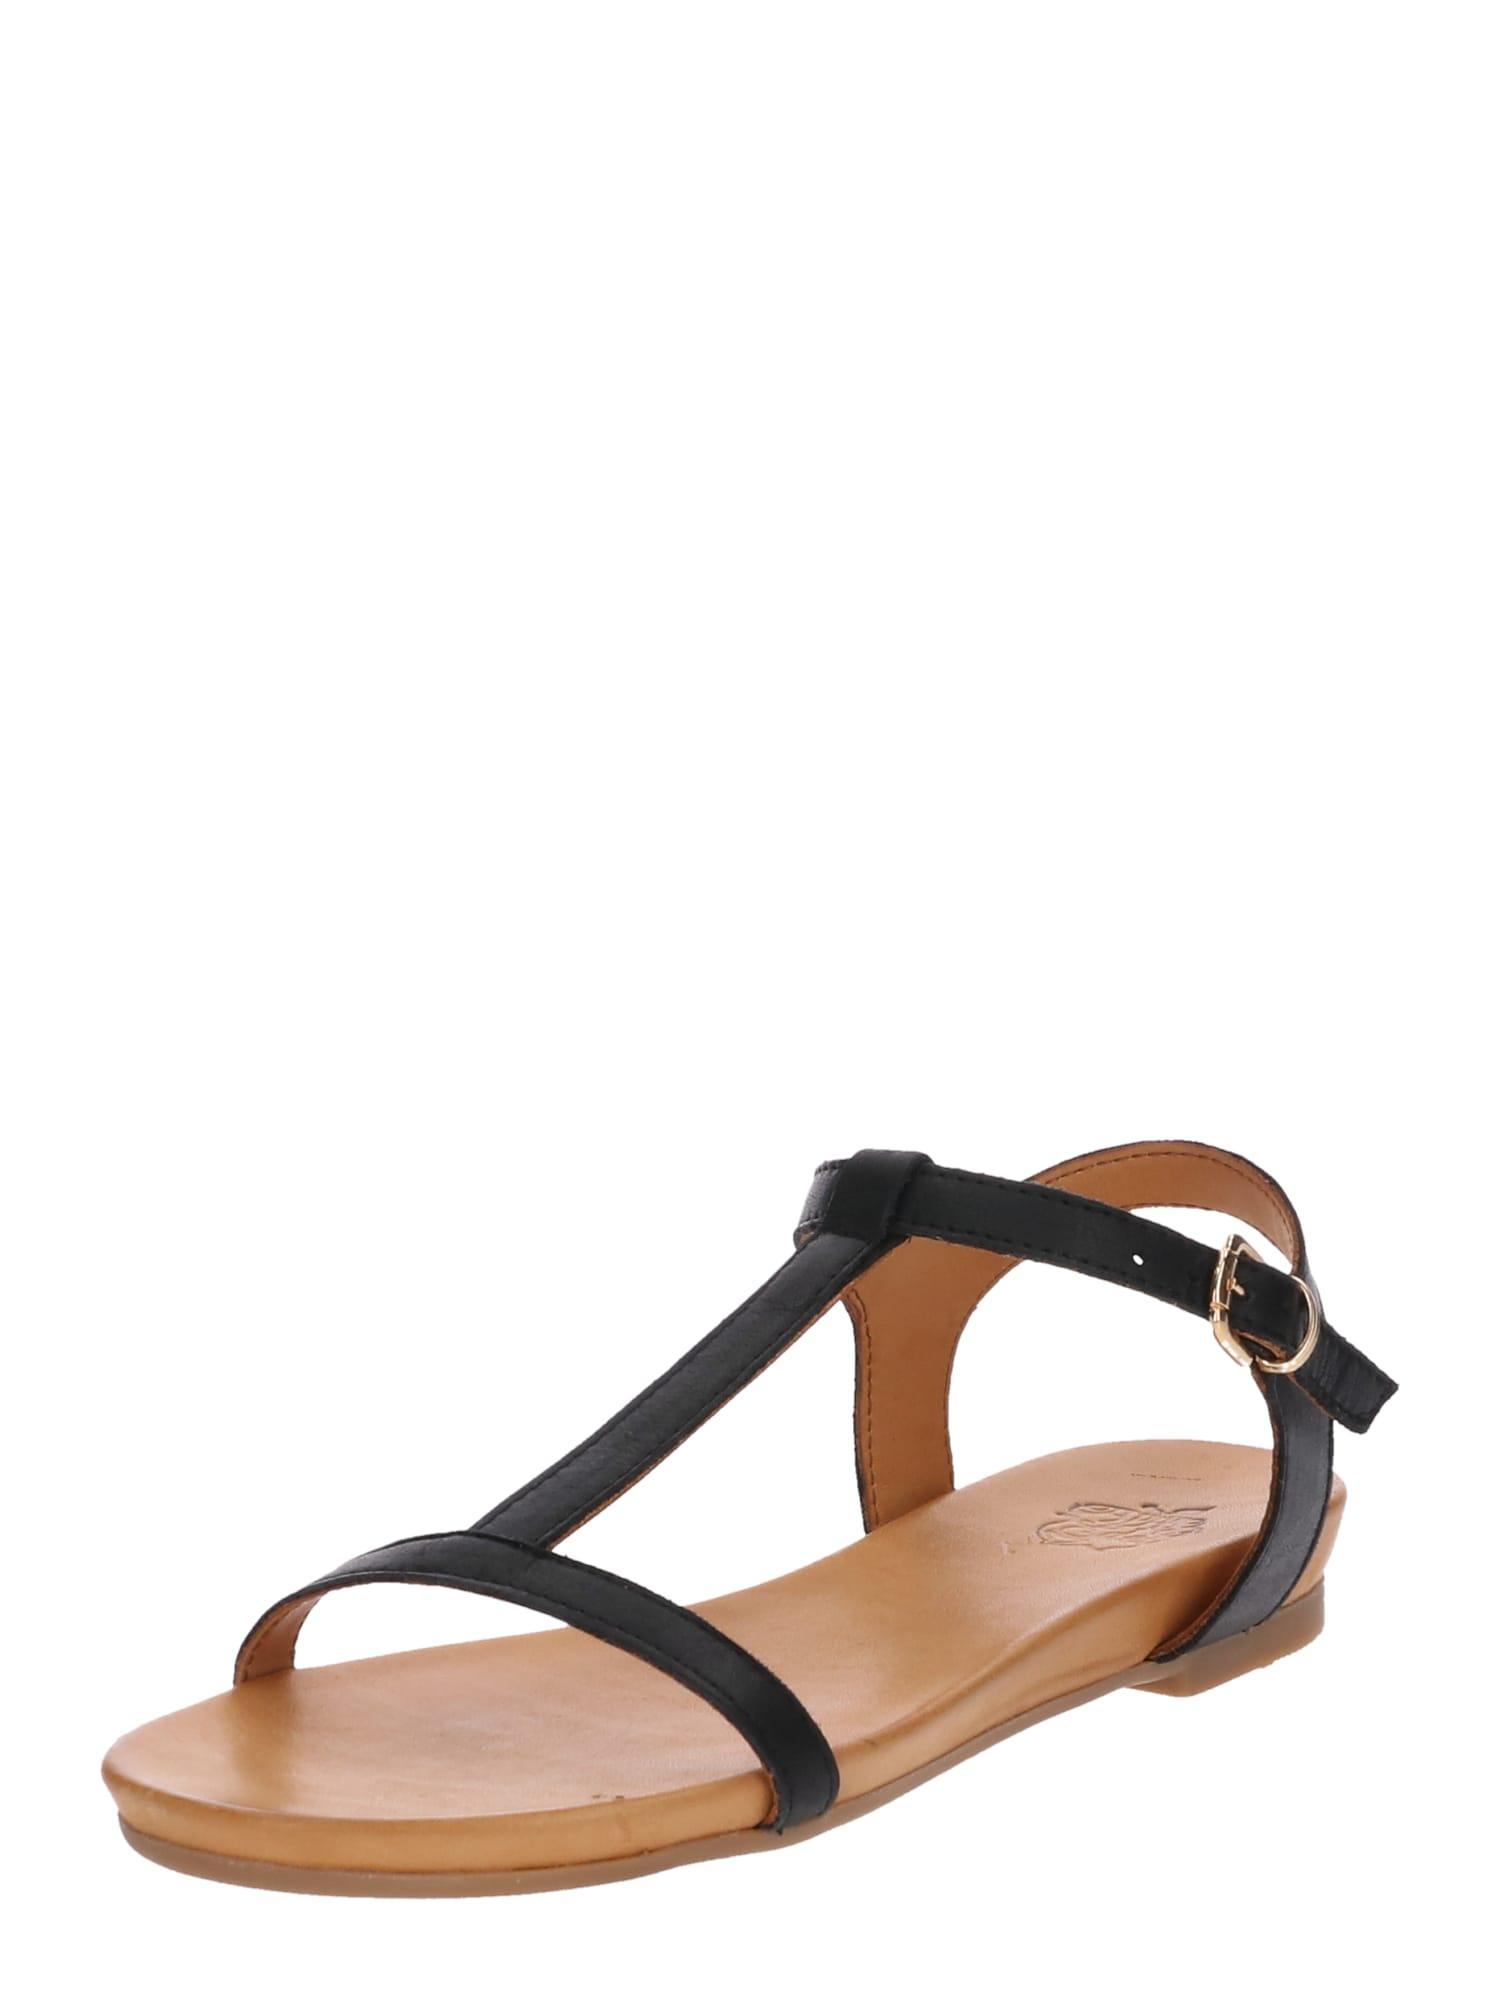 Páskové sandály Dora béžová černá Apple Of Eden